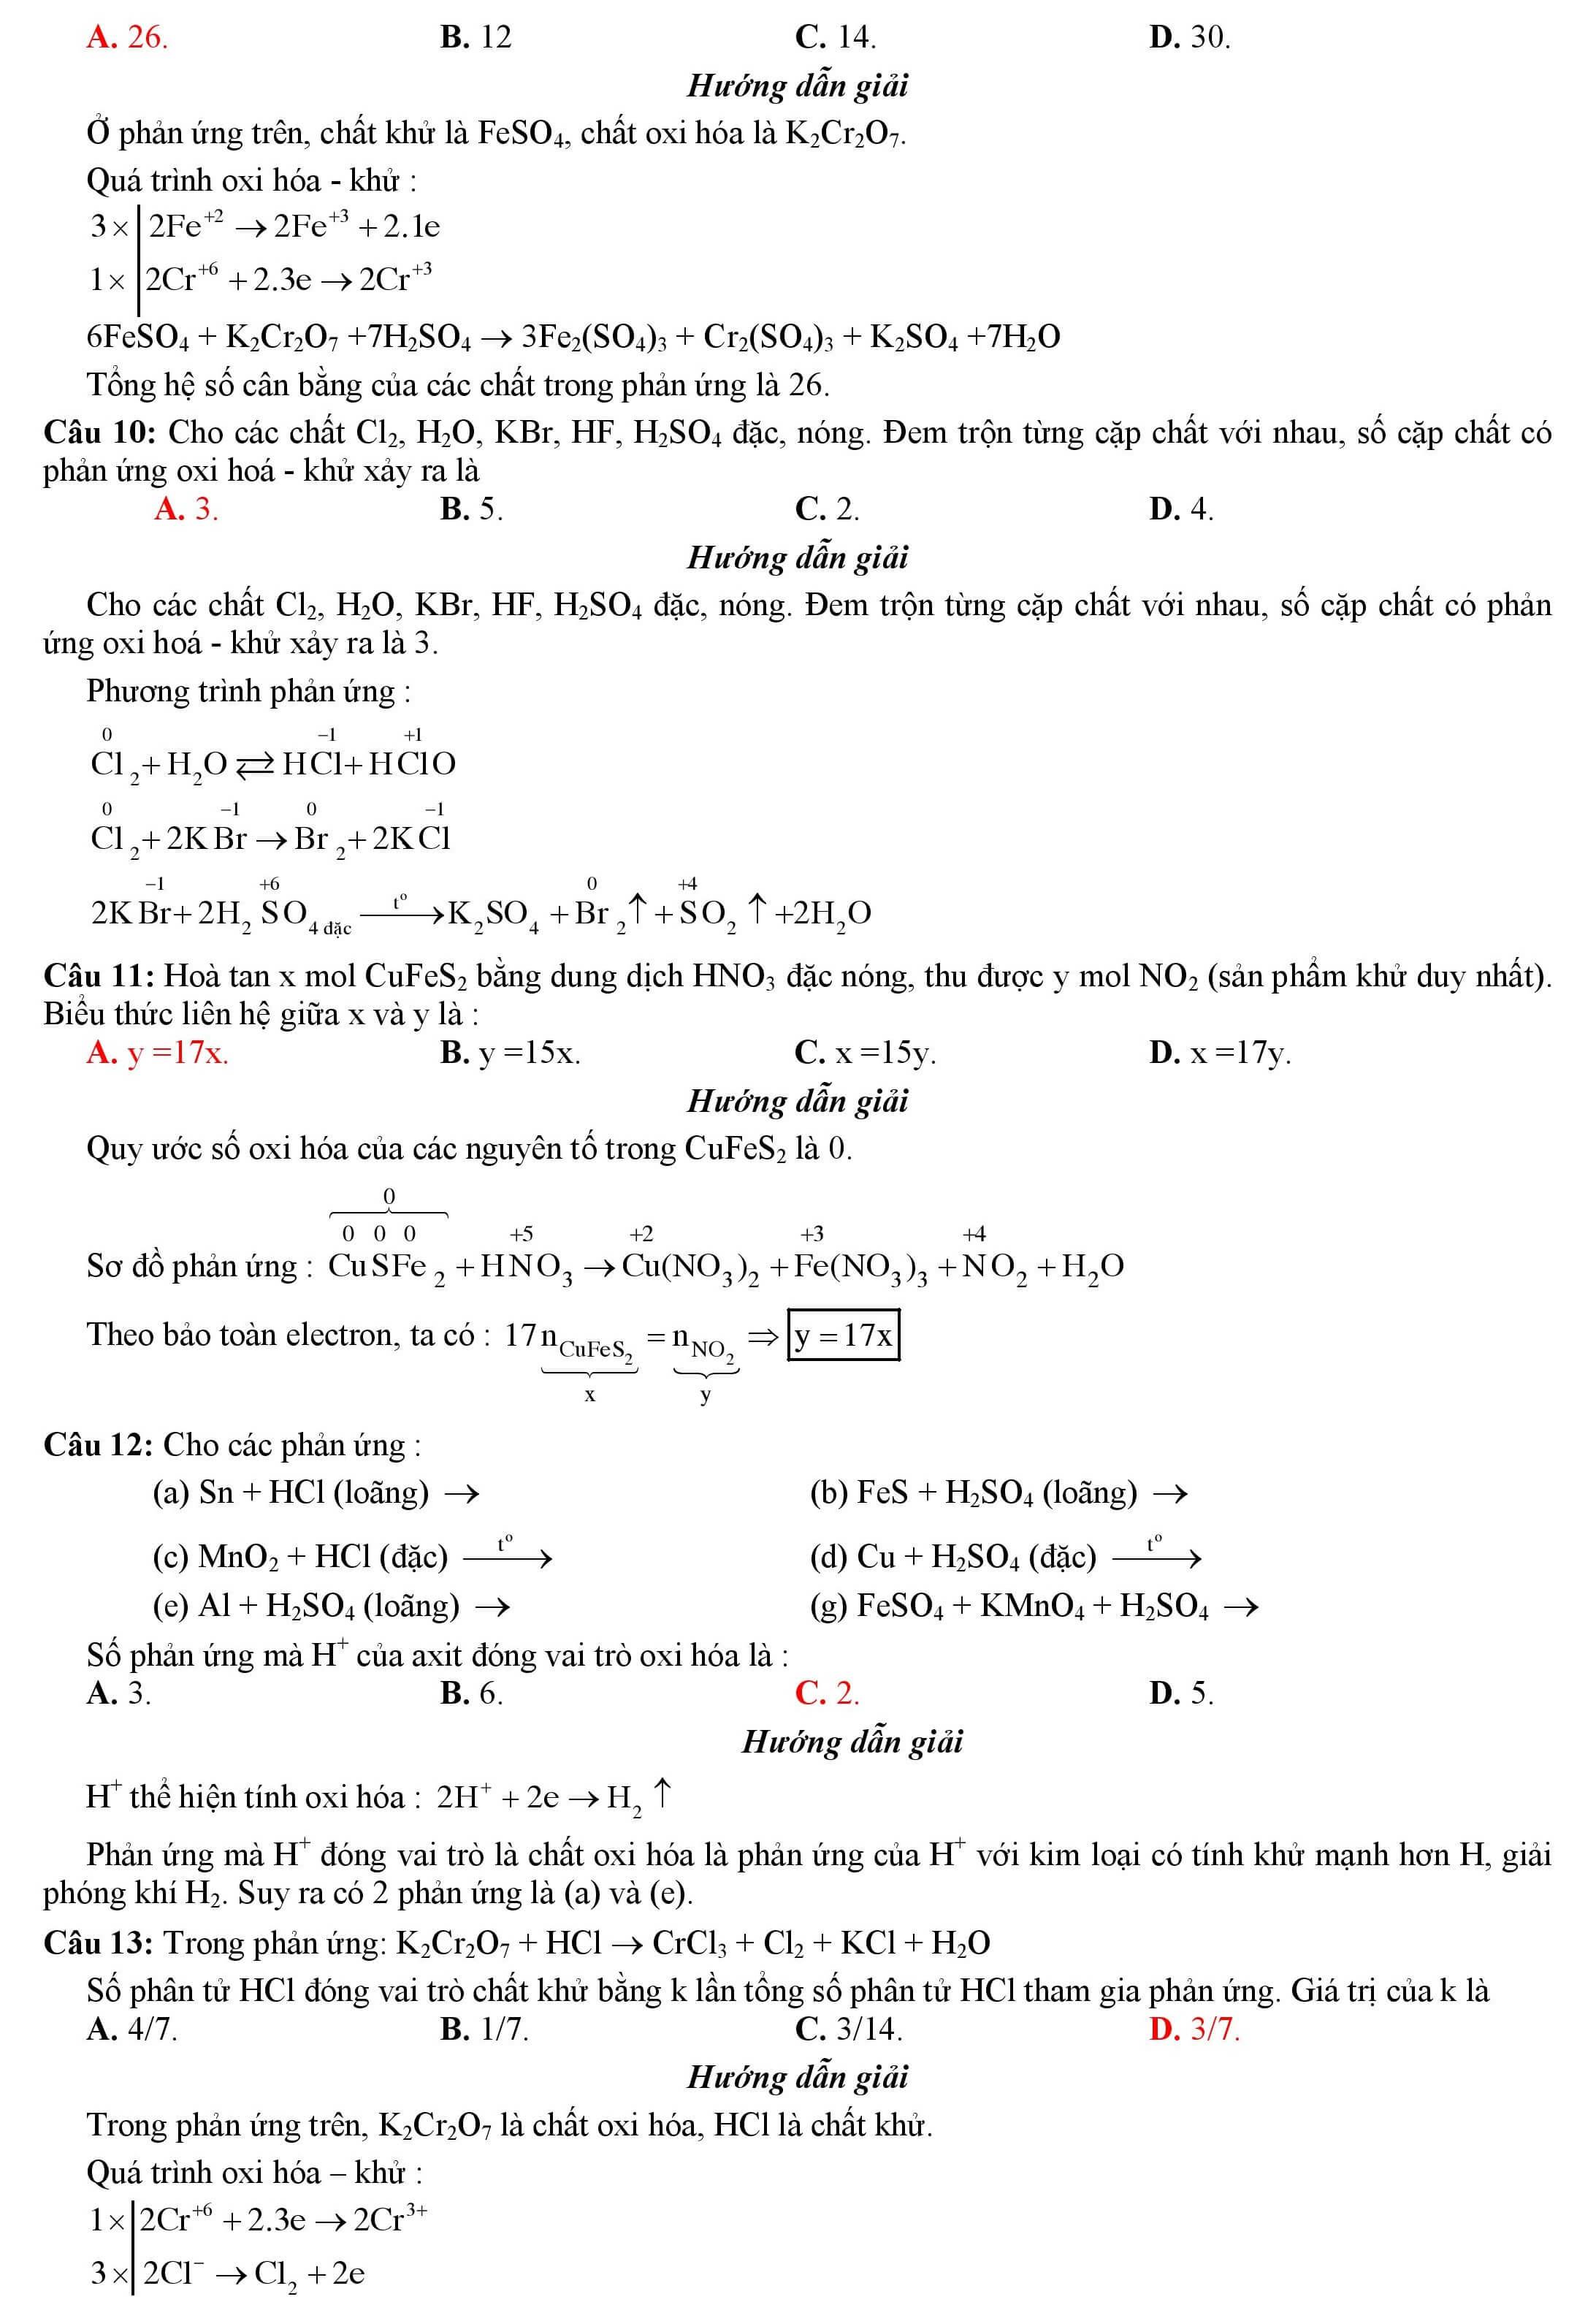 Tốc độ phản ứng và cân bằng hóa học (3).jpg